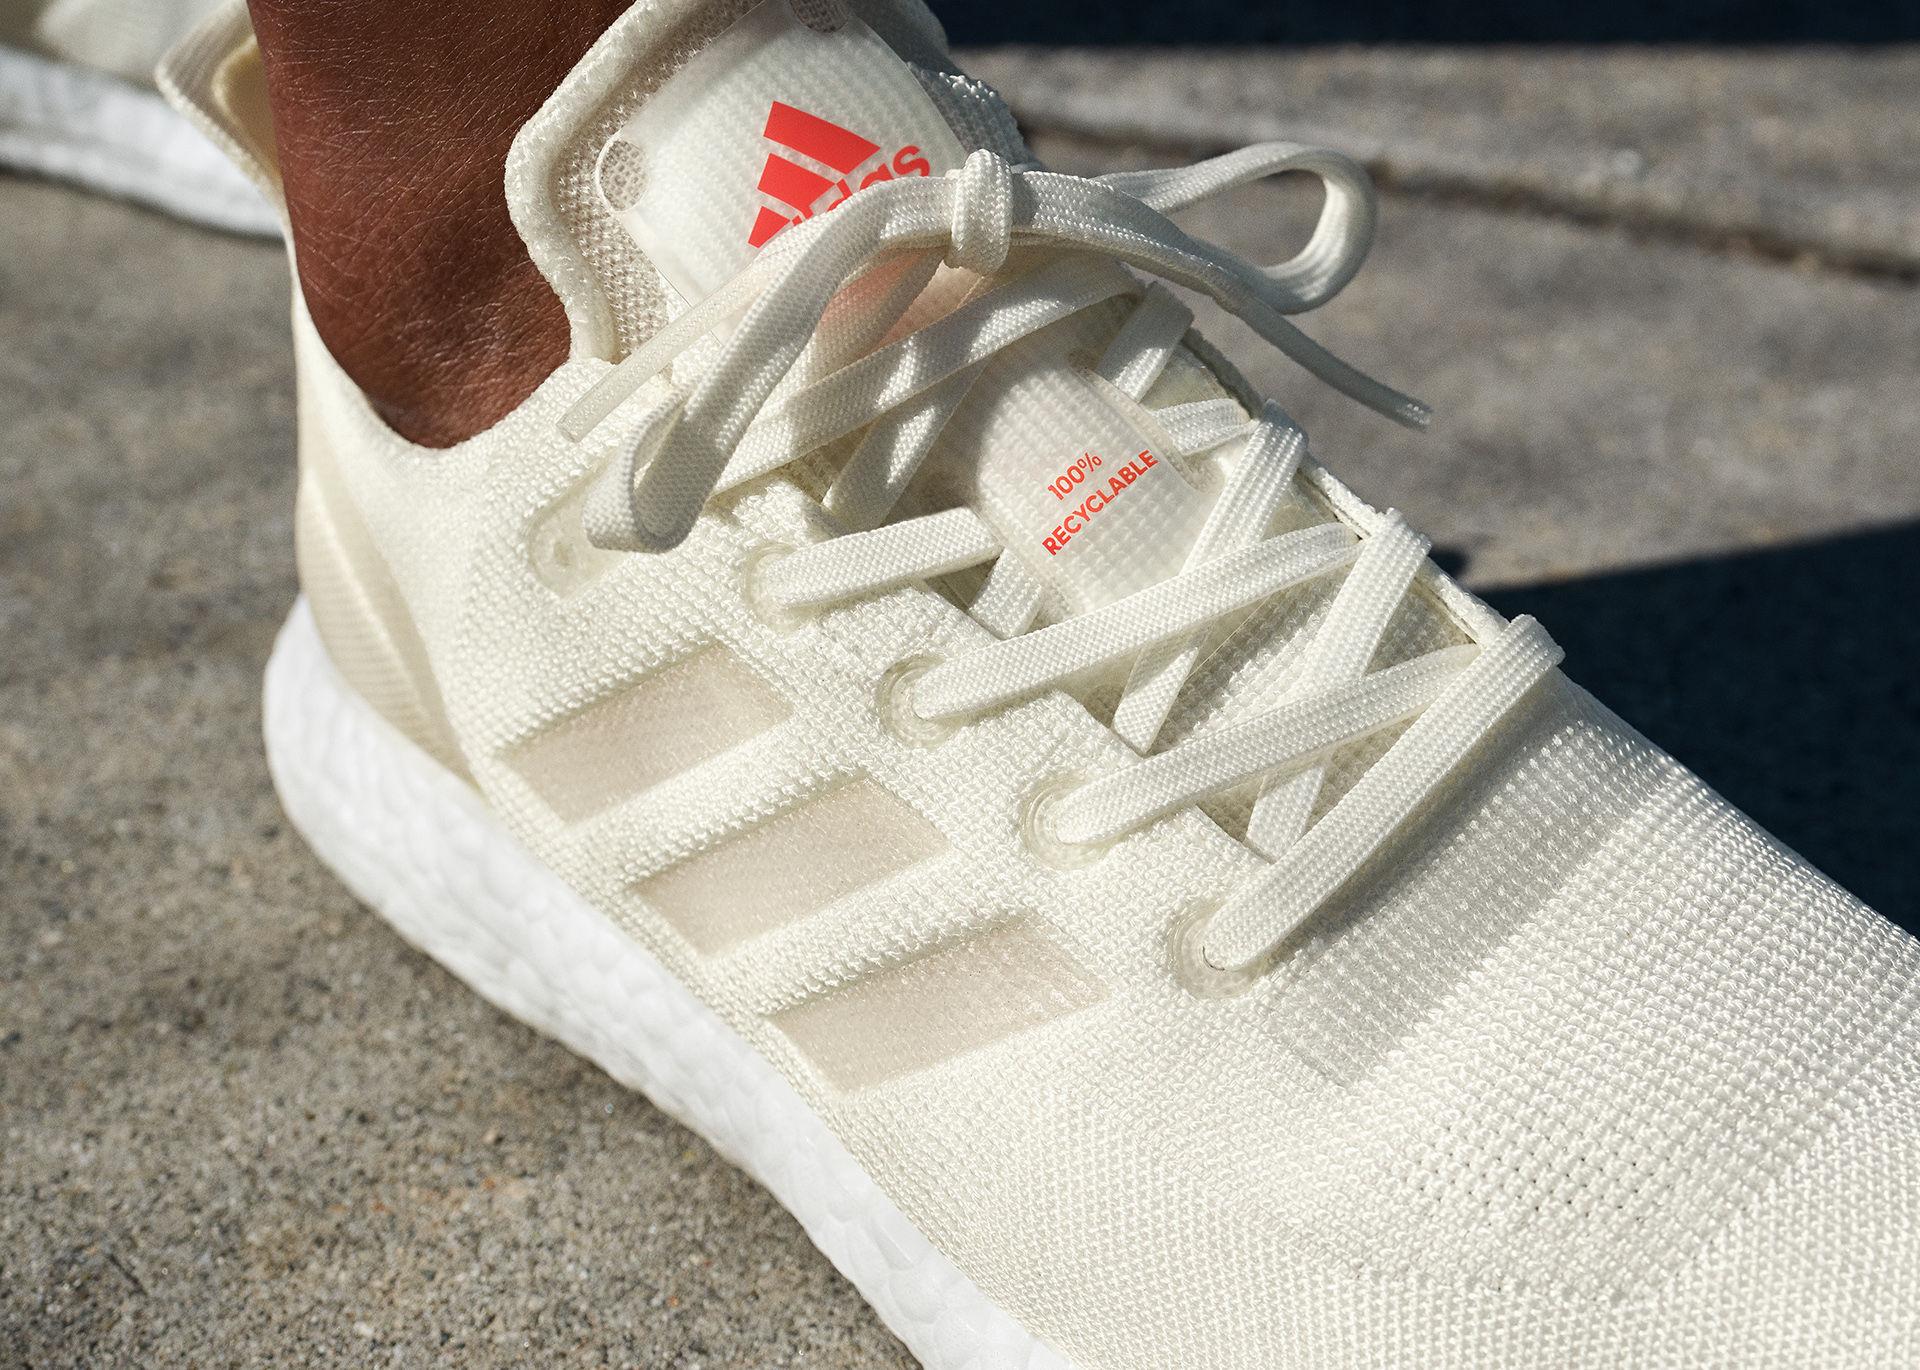 Adidas Futurecraft Loop är helt återvinningsbara. Kan